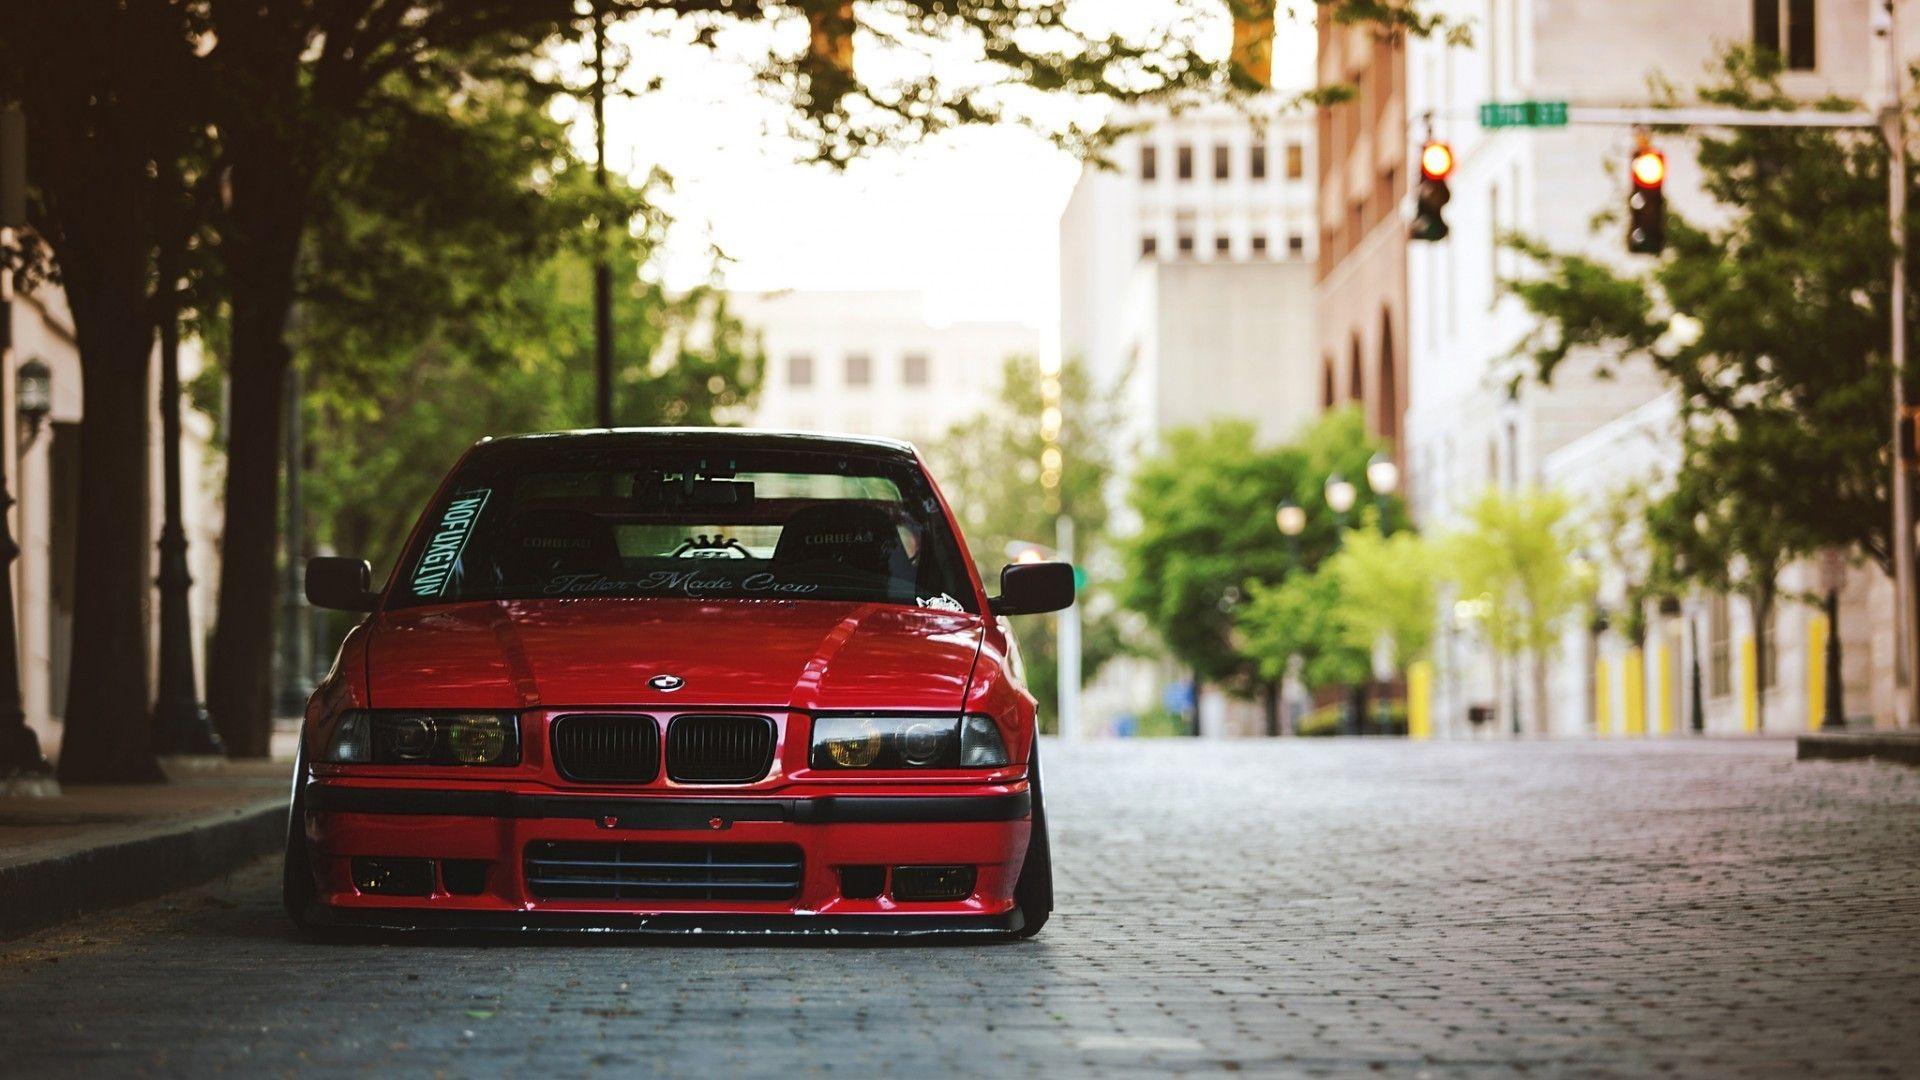 BMW E36 Wallpaper 01   [1920x1080] 1920x1080